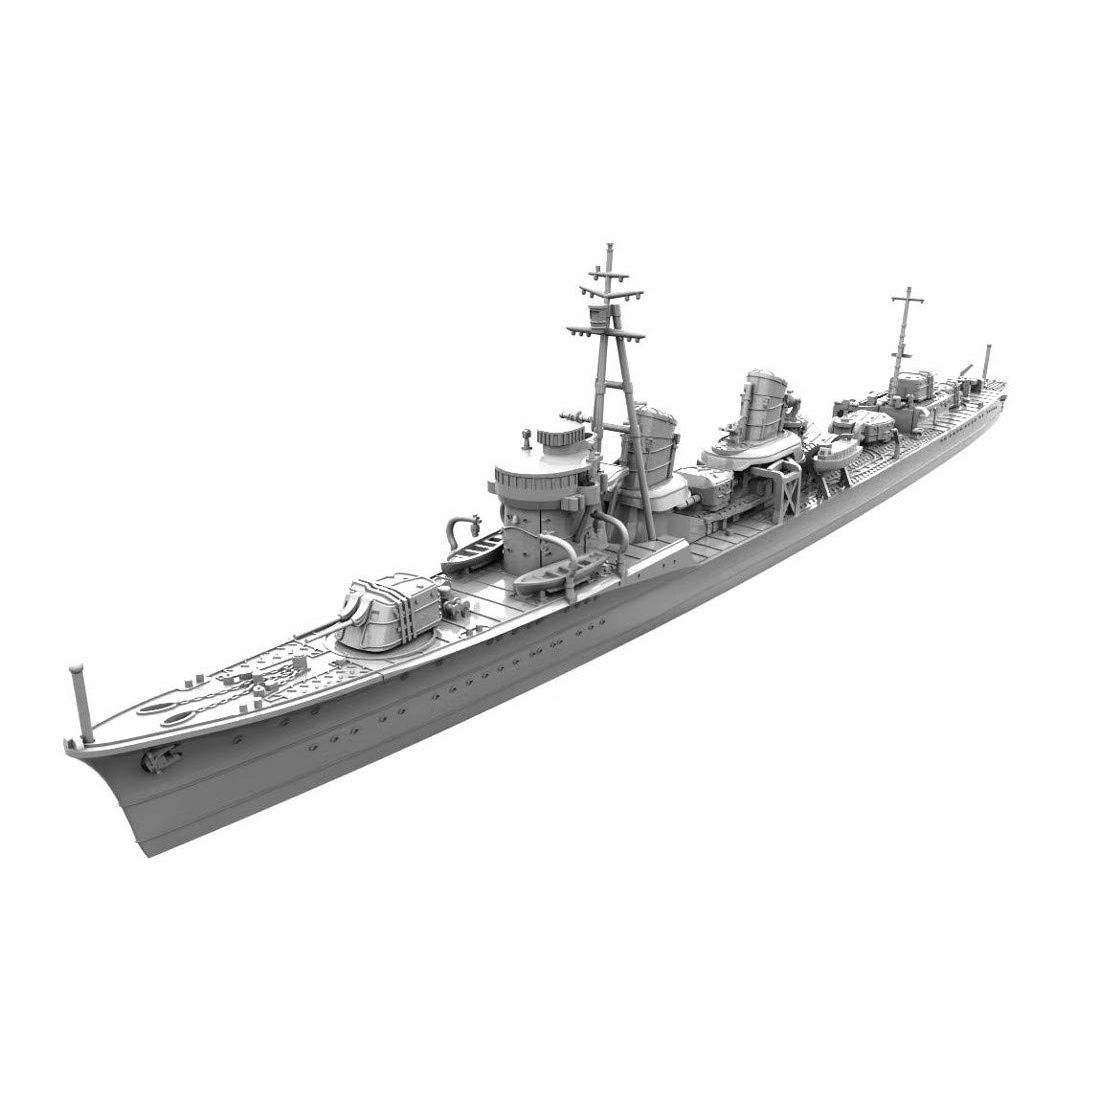 1/700 艦艇模型シリーズ『特型駆逐艦I型改 浦波』プラモデル-001